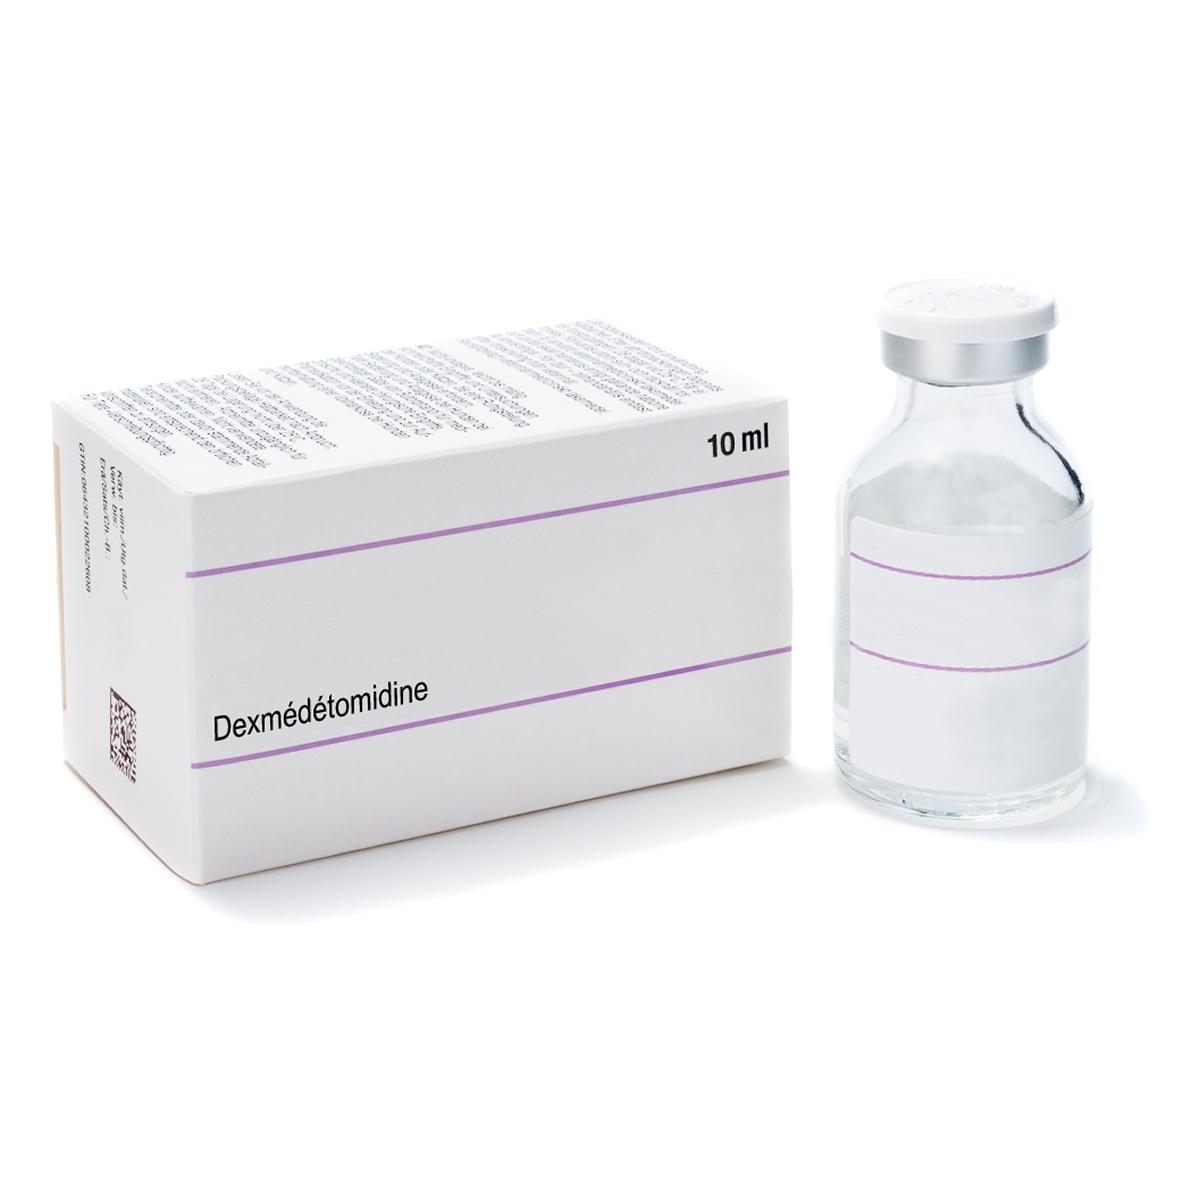 Dexmédétomidine